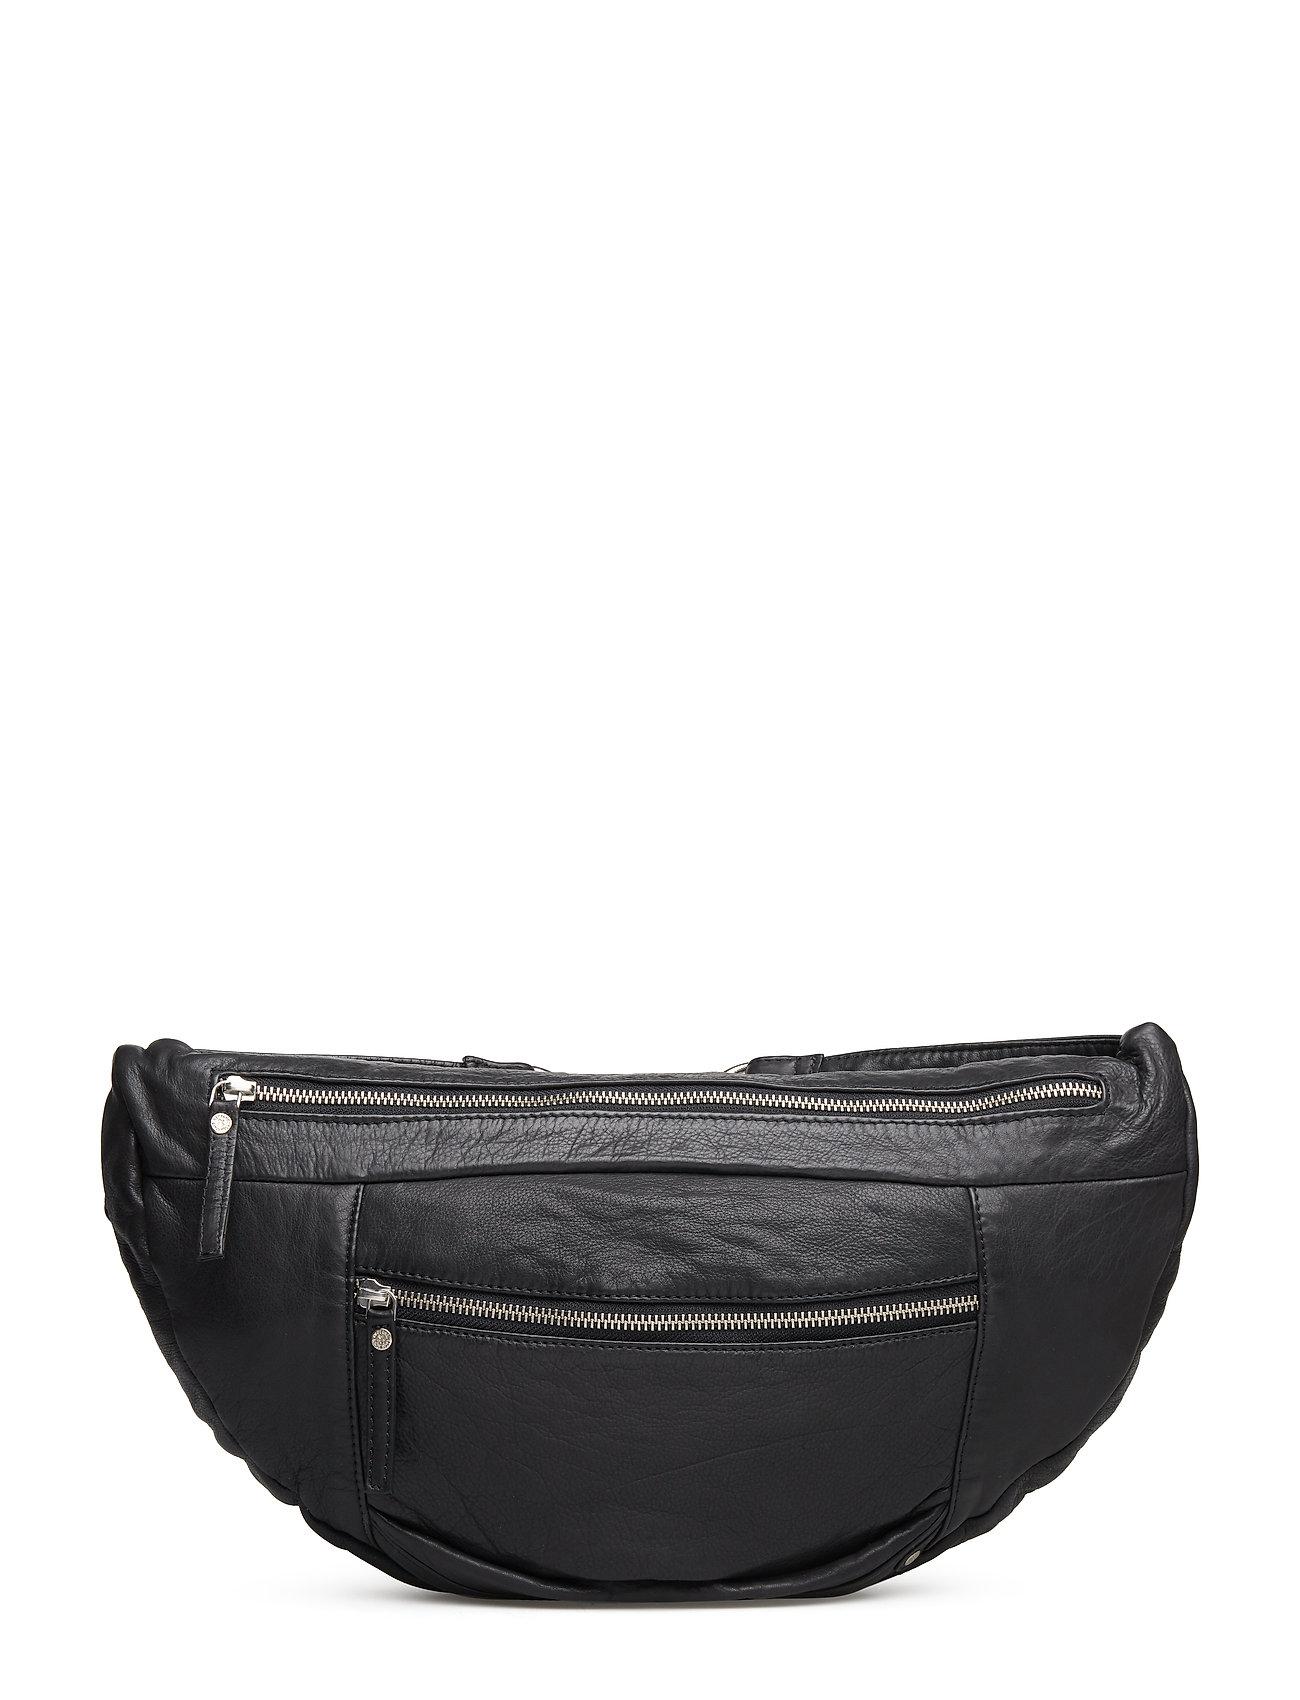 Fashion Favourites Large Bum Bag DEPECHE Mavetasker til Damer i Sort